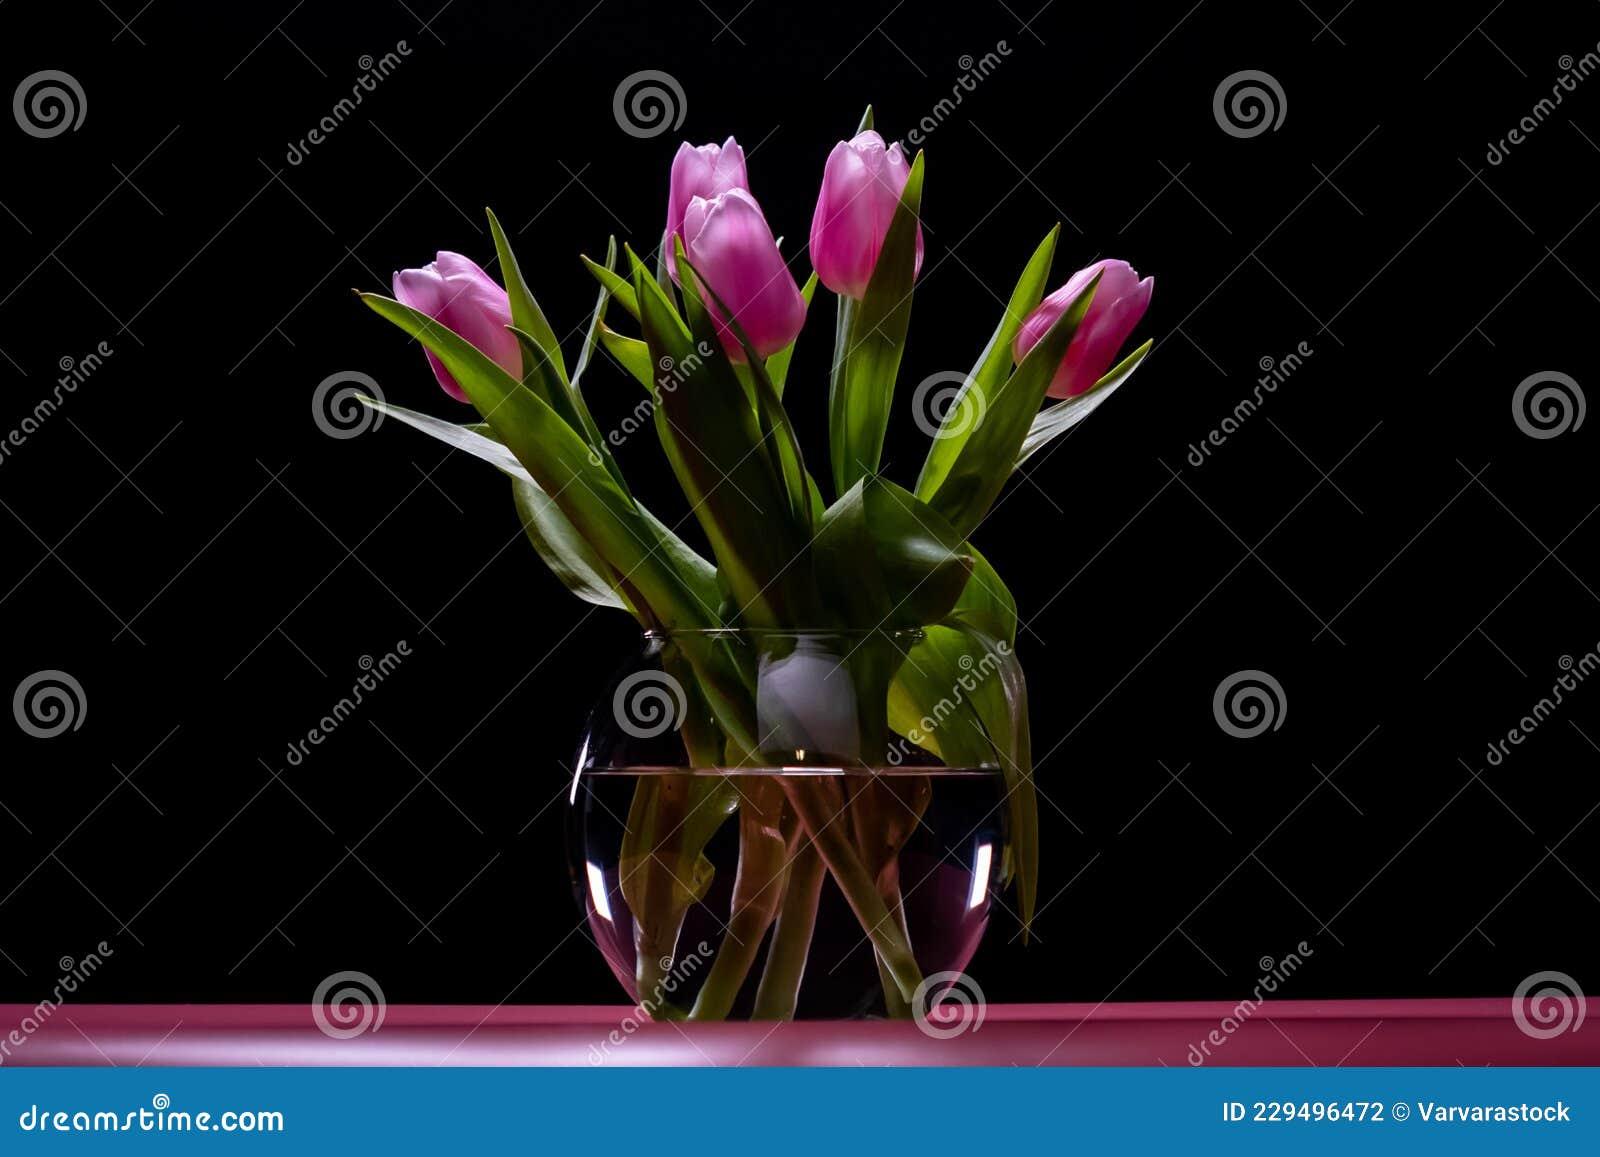 Flower Tulip Bouquet Nature Leaf. Color Beauty Stock Photo